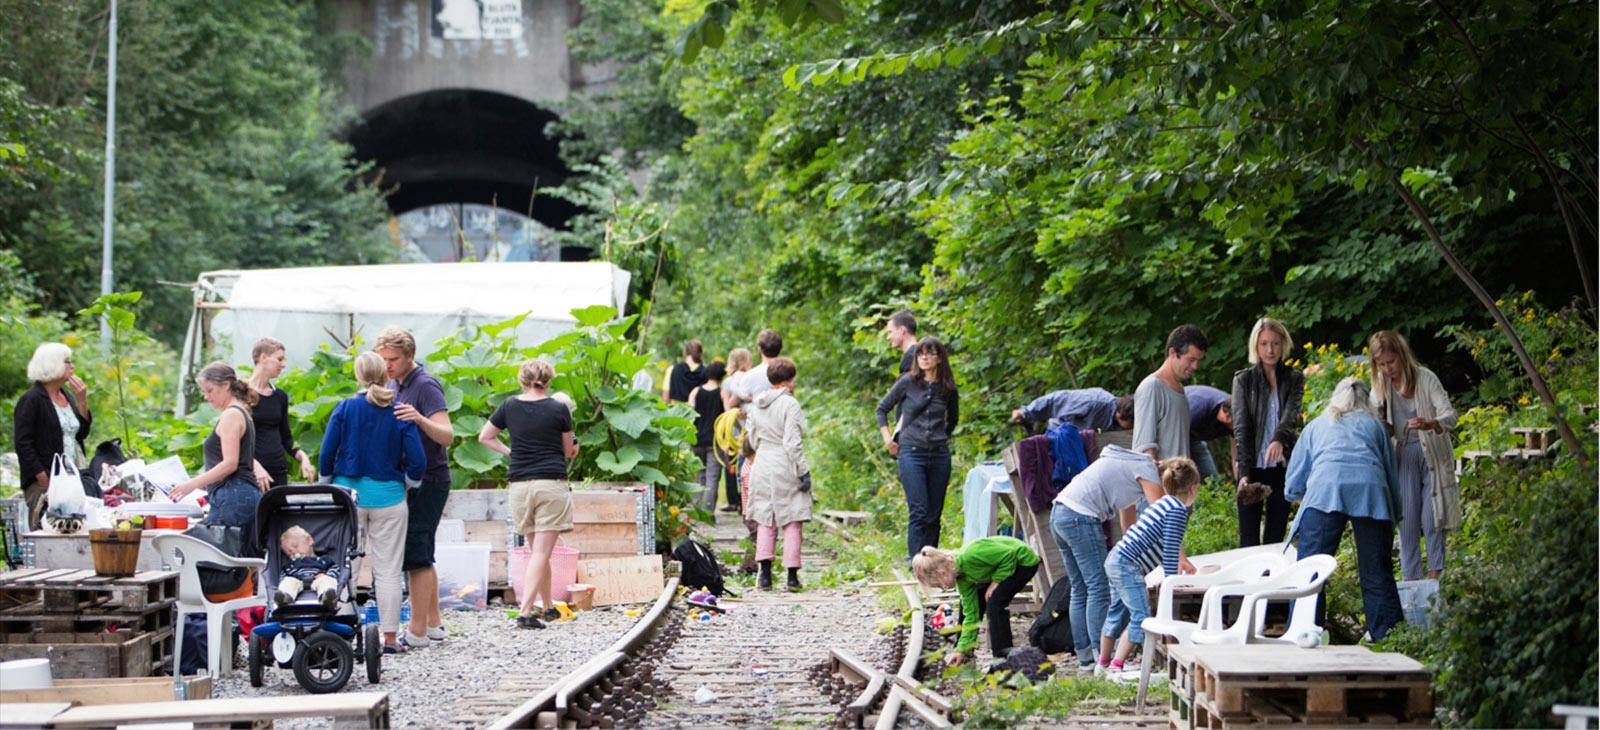 Tuin op het spoor in Stockholm. Foto: Trädgård på Spåret